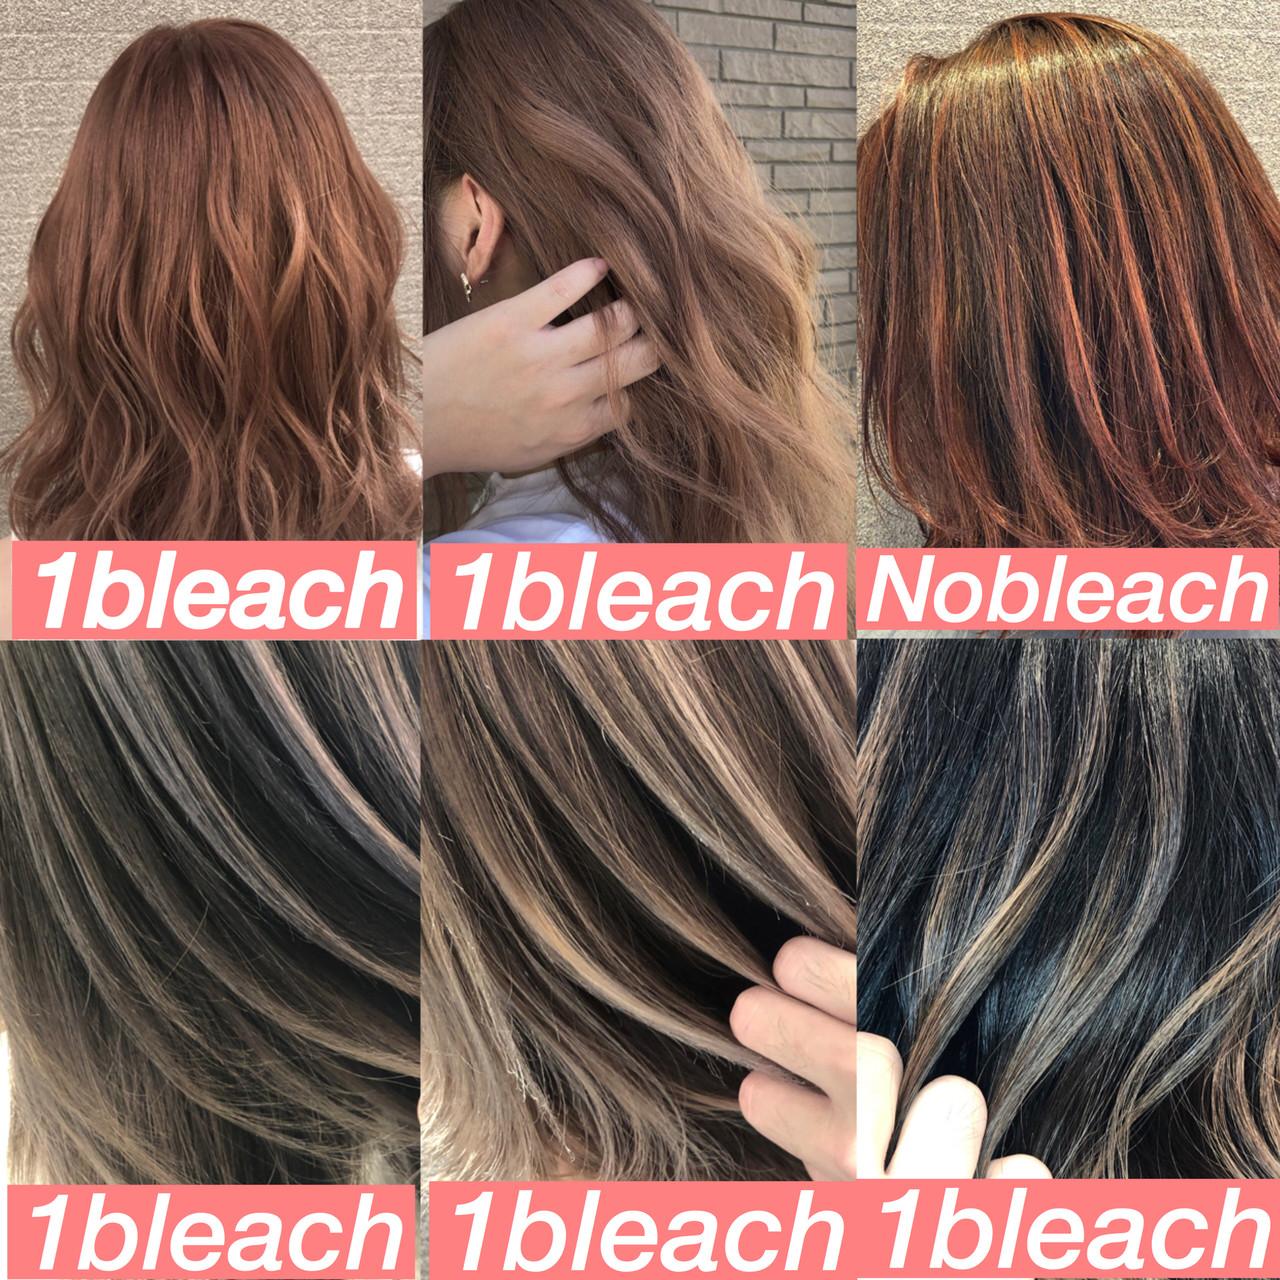 デート バレイヤージュ ミディアム 成人式 ヘアスタイルや髪型の写真・画像 | アンドウ ユウ / Agu hair edge